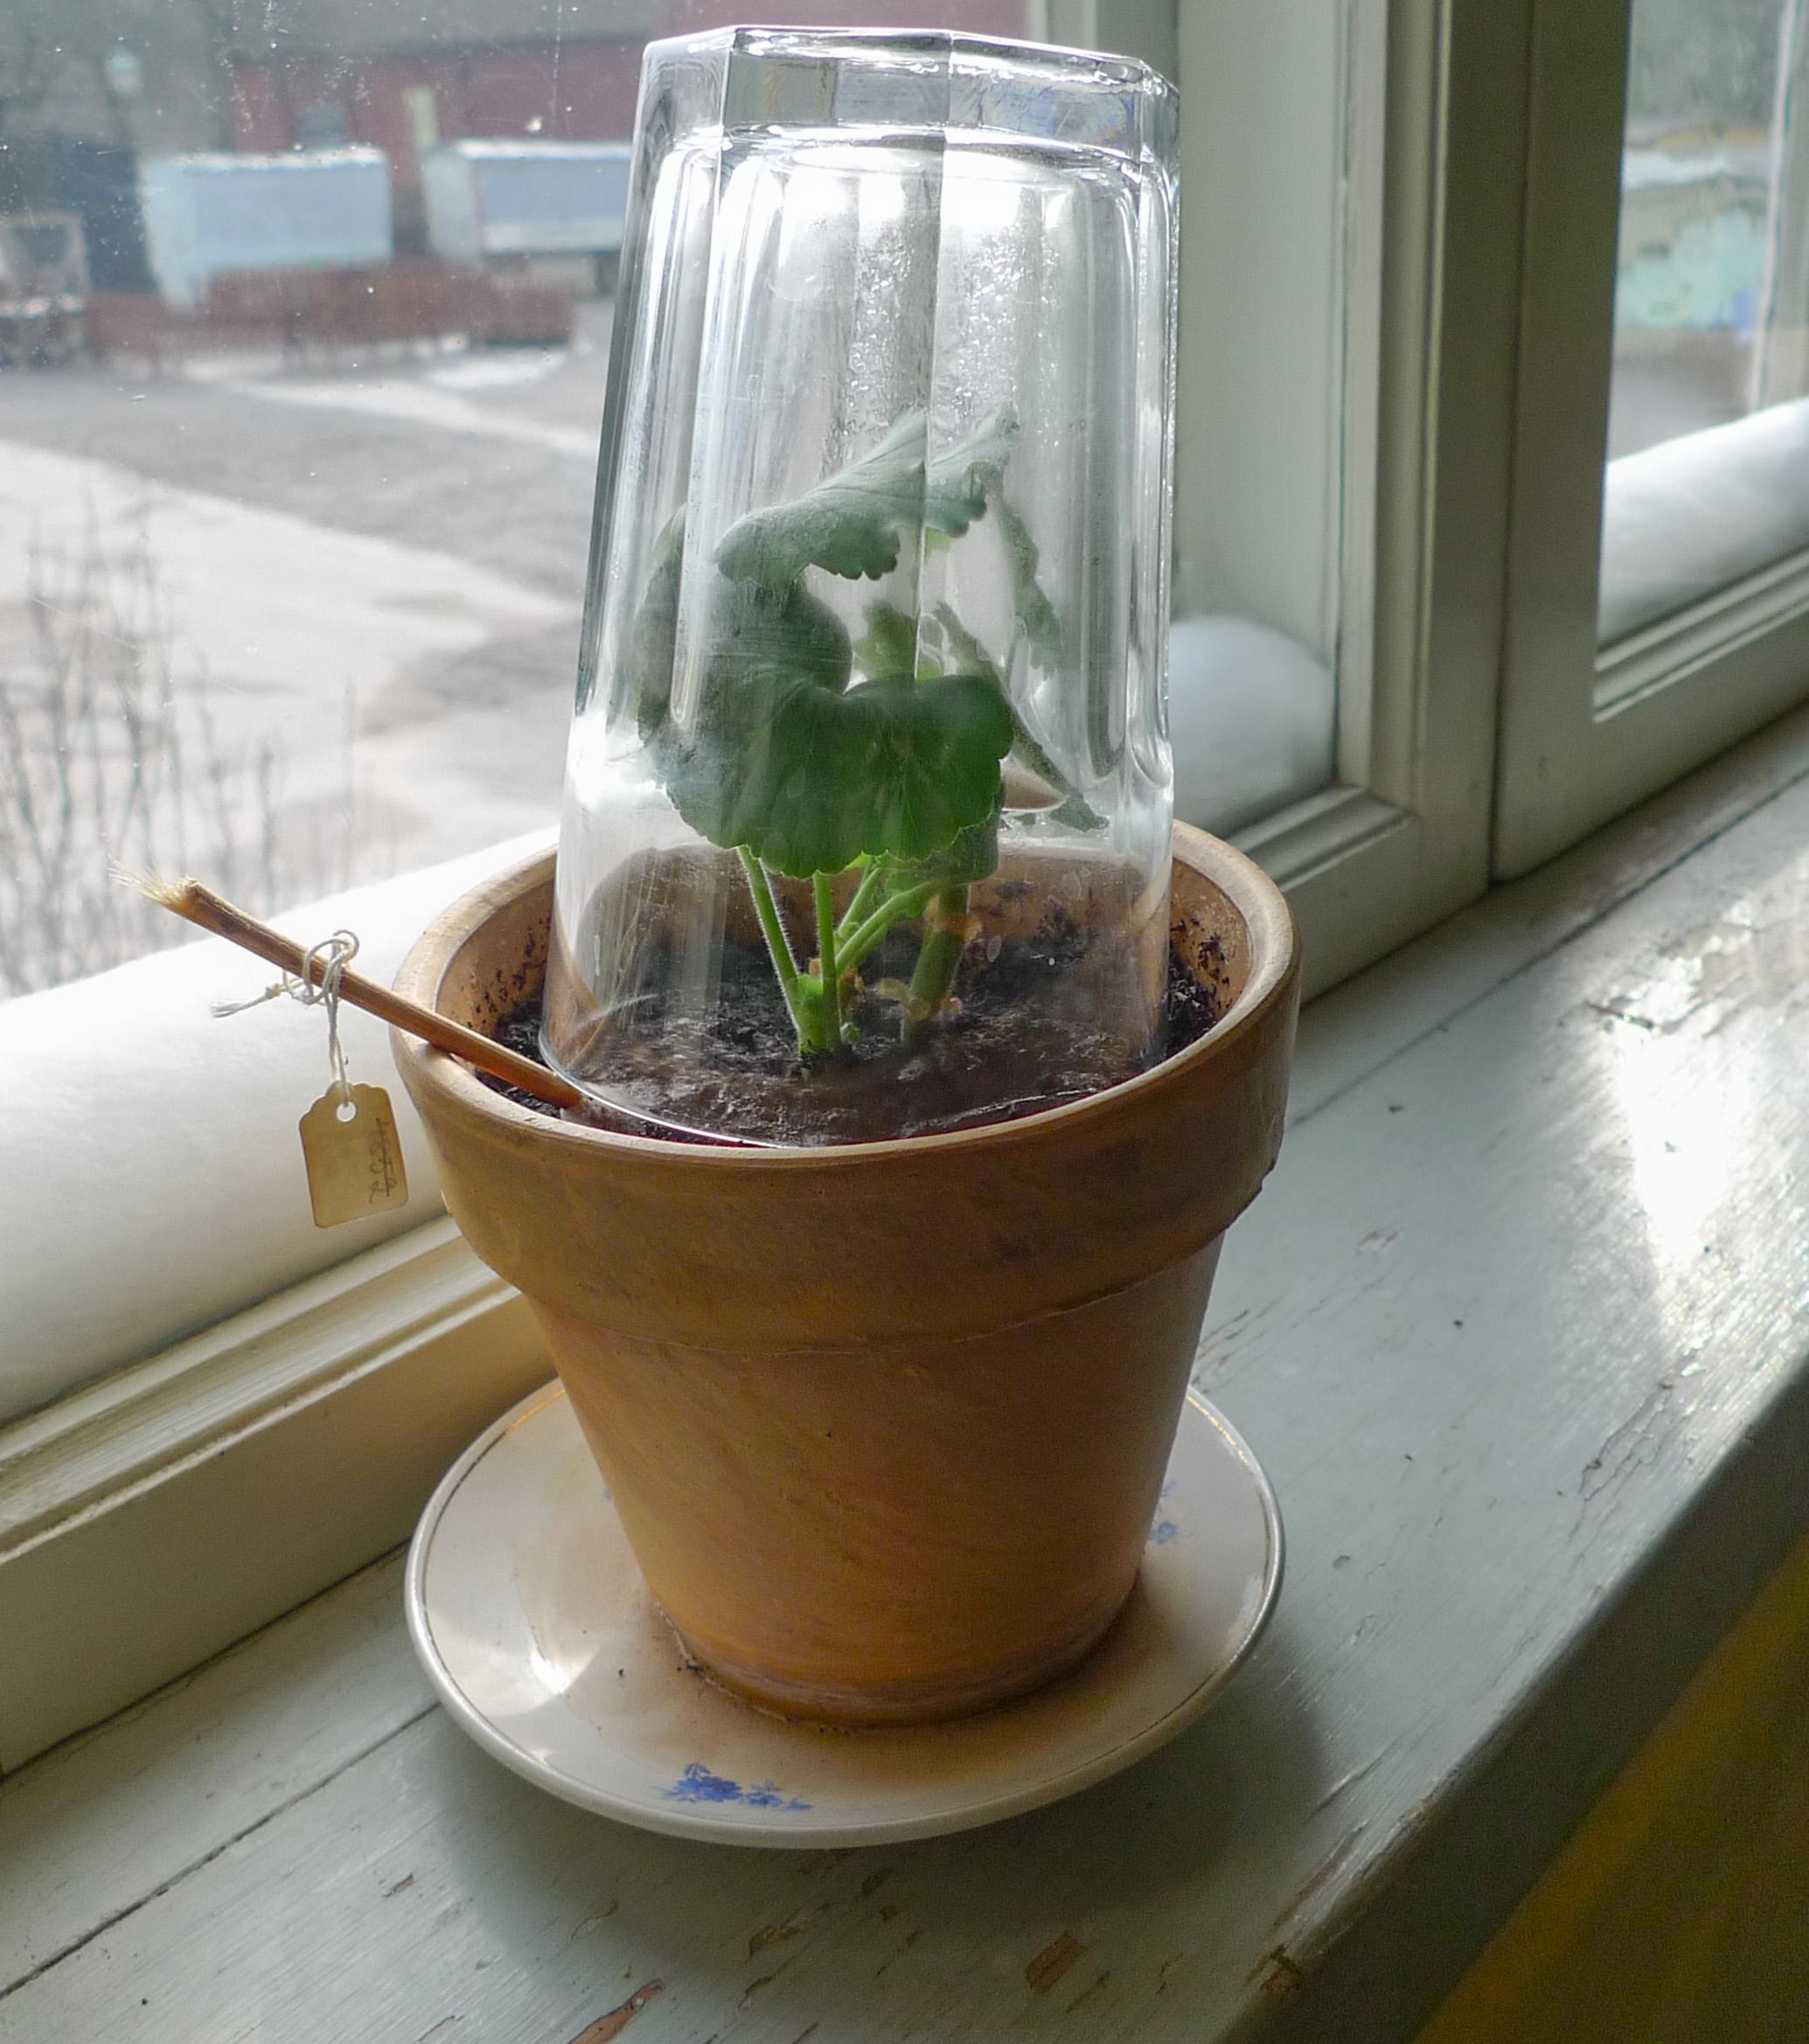 Om man vill hjälpa skottet på traven kan man stjälpa ett glas över det, med en luftspringa ordnad längst ner. Man kan också ställa hela krukan i en plastpåse som ordnas så att det blir som ett växthus upptill. Dock får man inte knyta till så det blir tätt utan man måste lämna lufthål upptill. När skotten ser pigga och glada ut och skjuter nya skott kan man vara säker på att det bildats rötter.